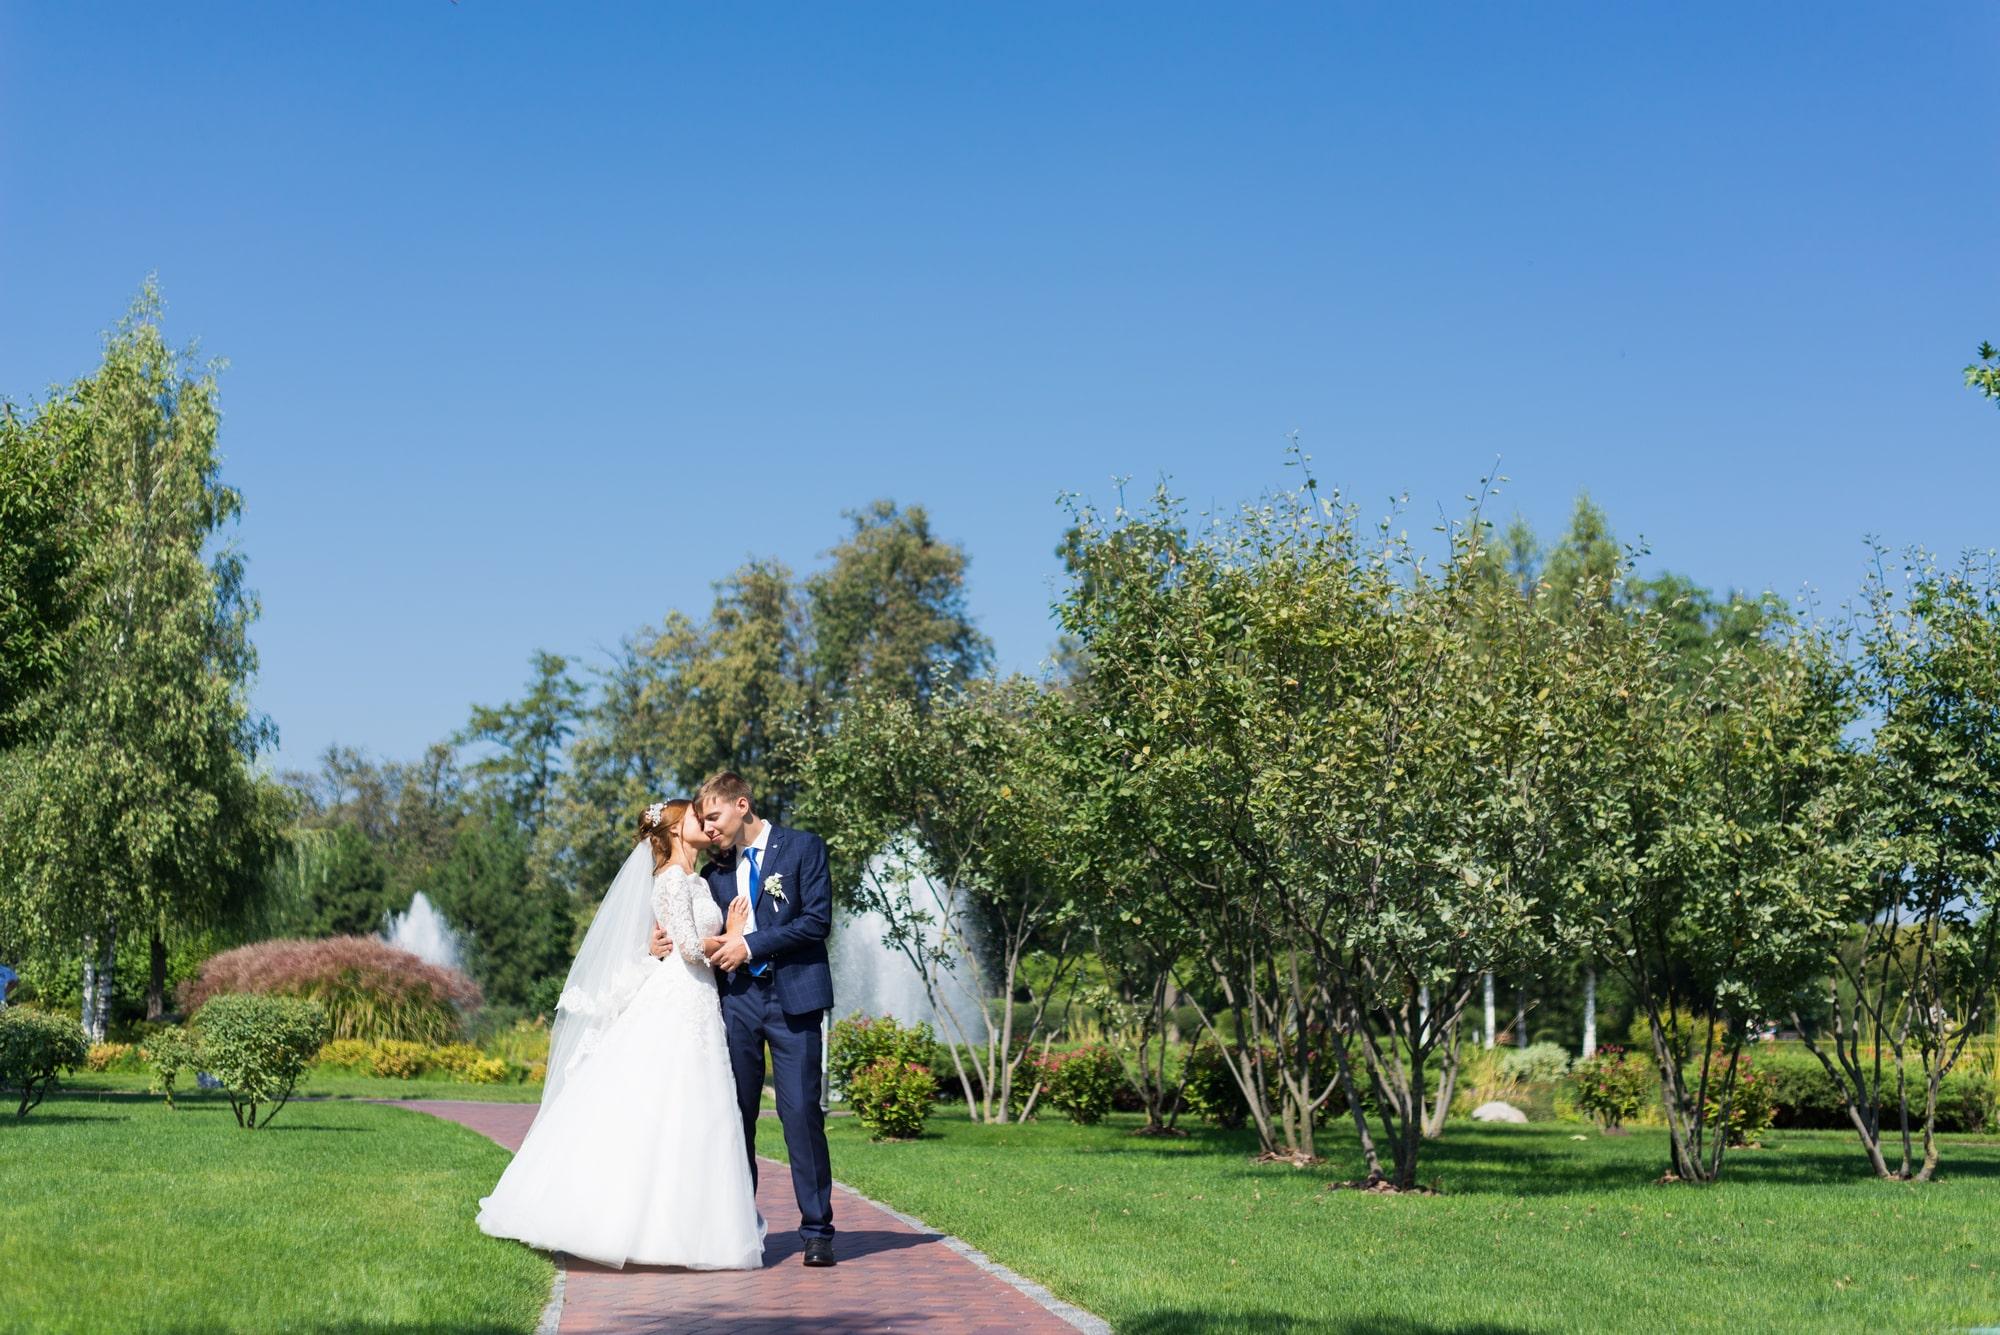 Свадебная фотосъемка в Межигорье - на тропинке